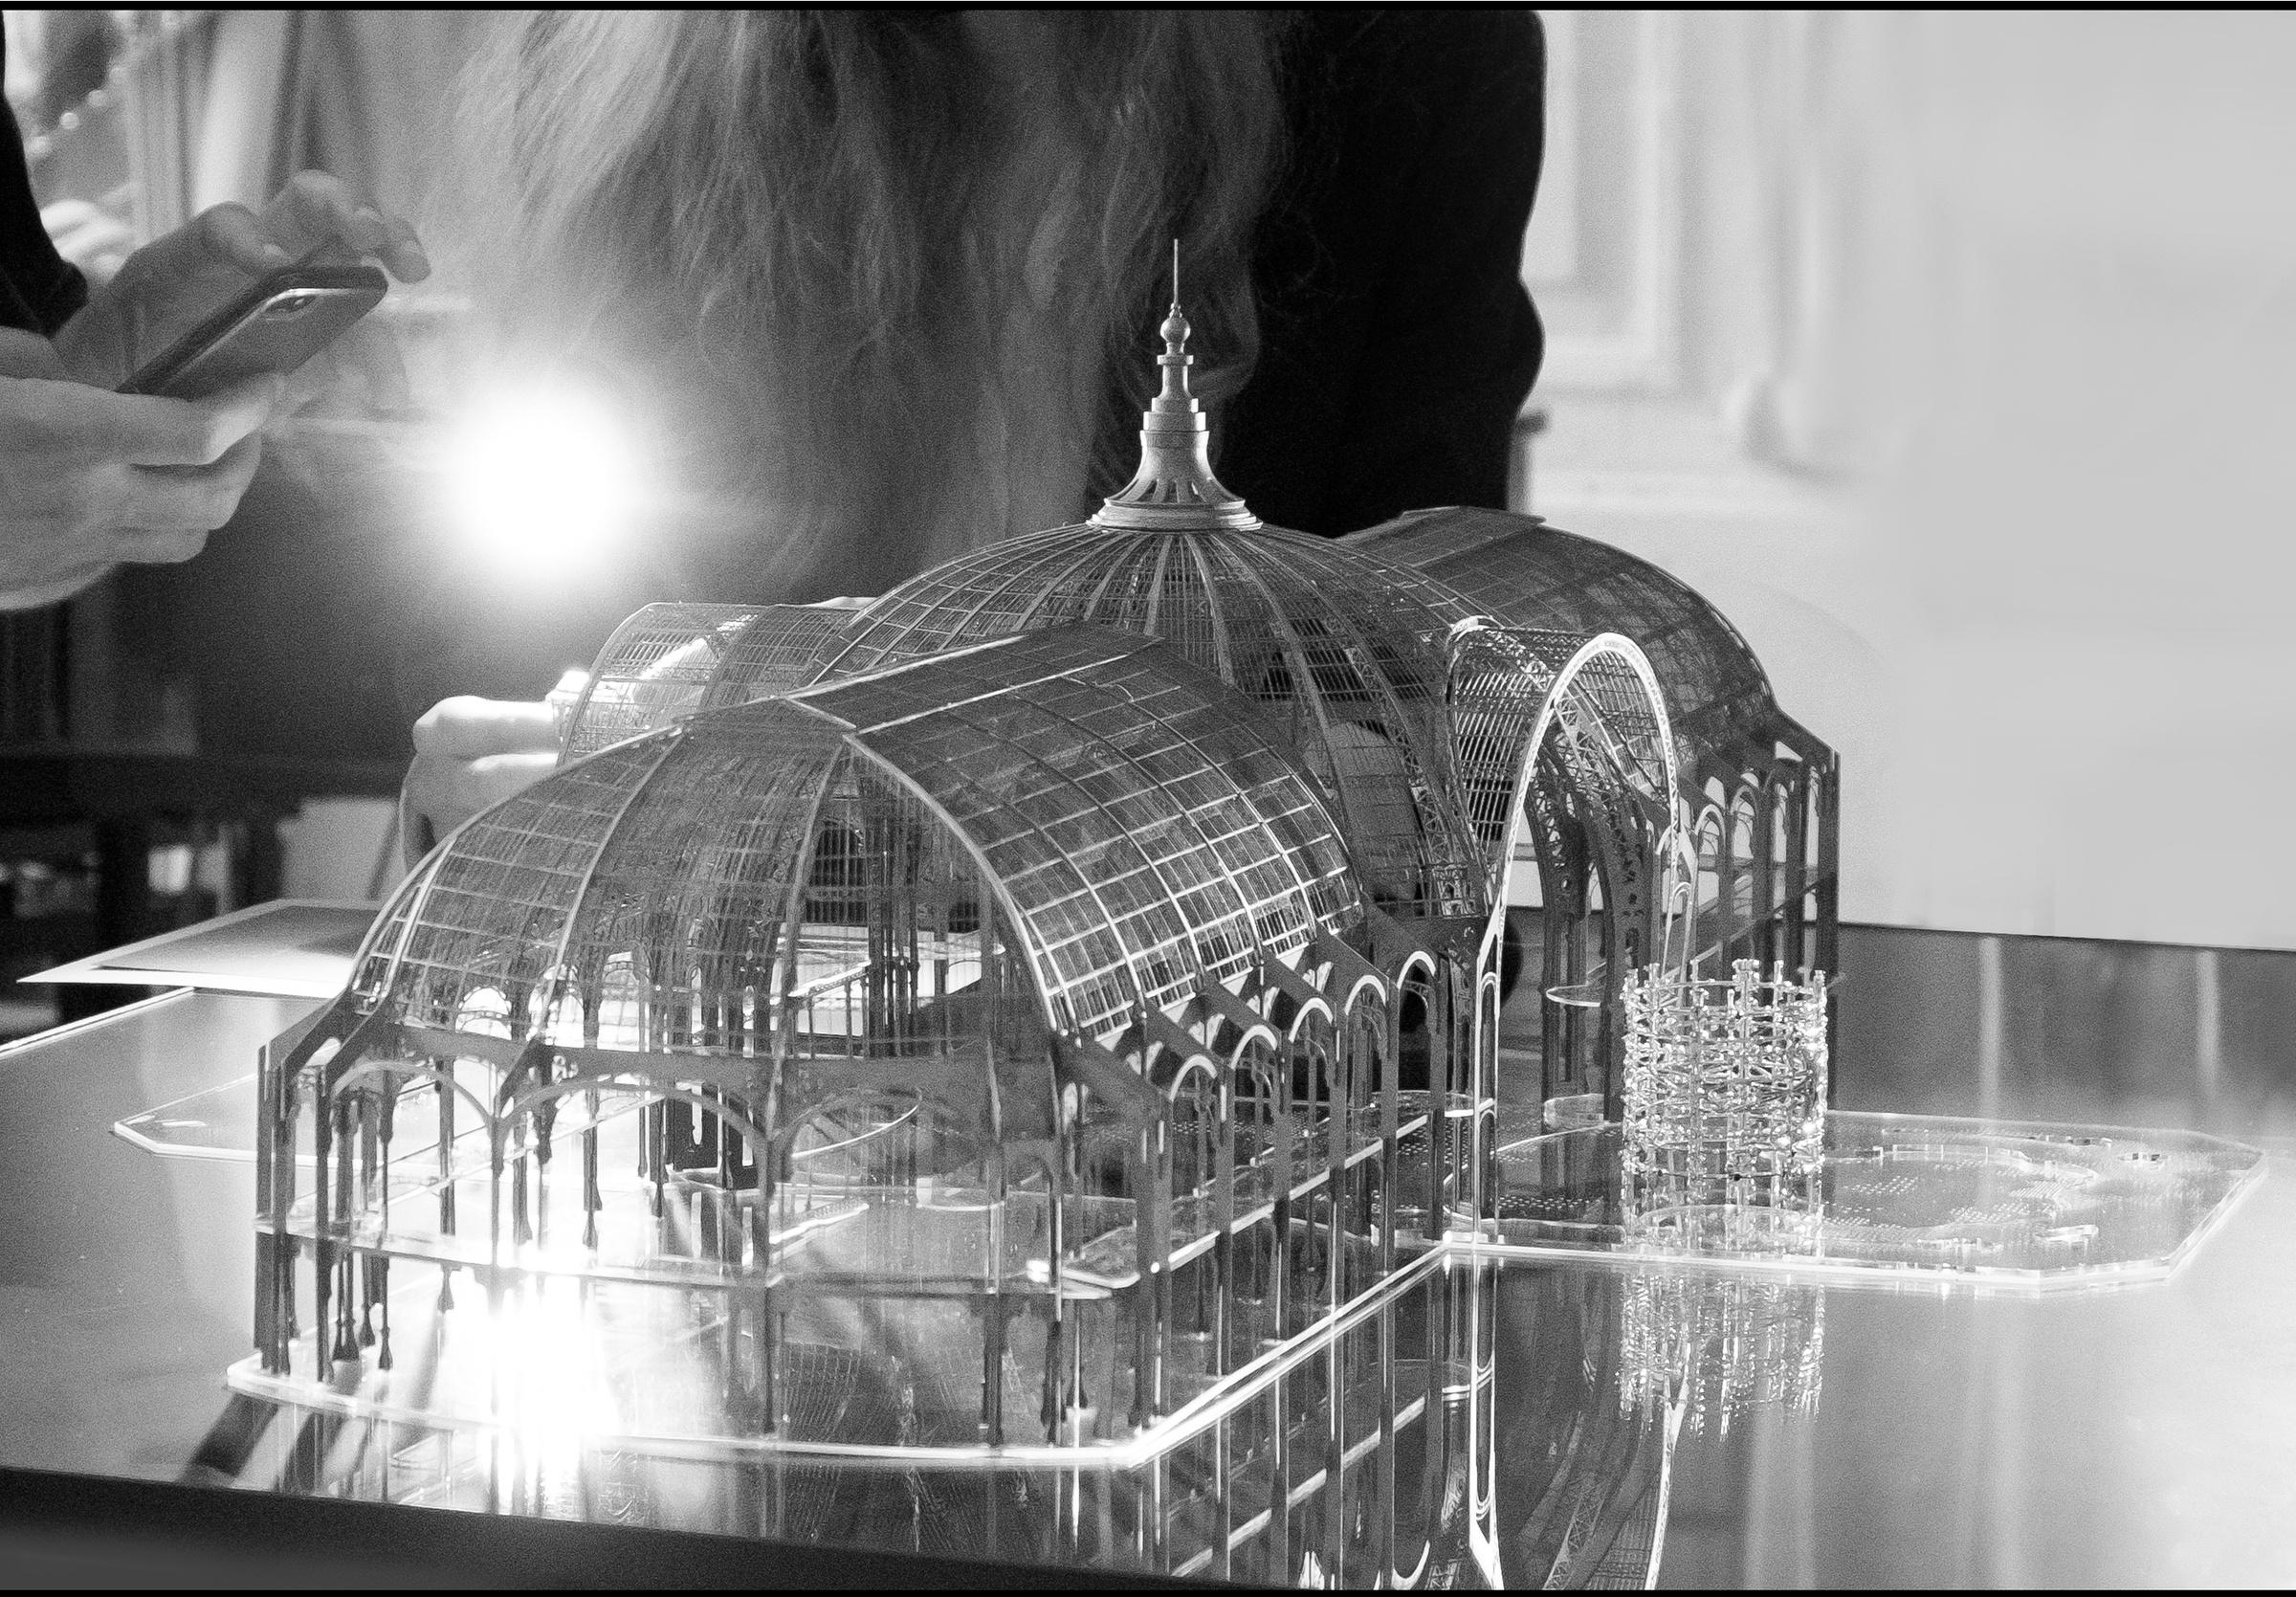 La Nef - Manchette - Mise en scène dans une maquette à échelle 1/250è - Irène - Paris Le Grand Palais - Haute Joaillerie - Architecture - Scénographie